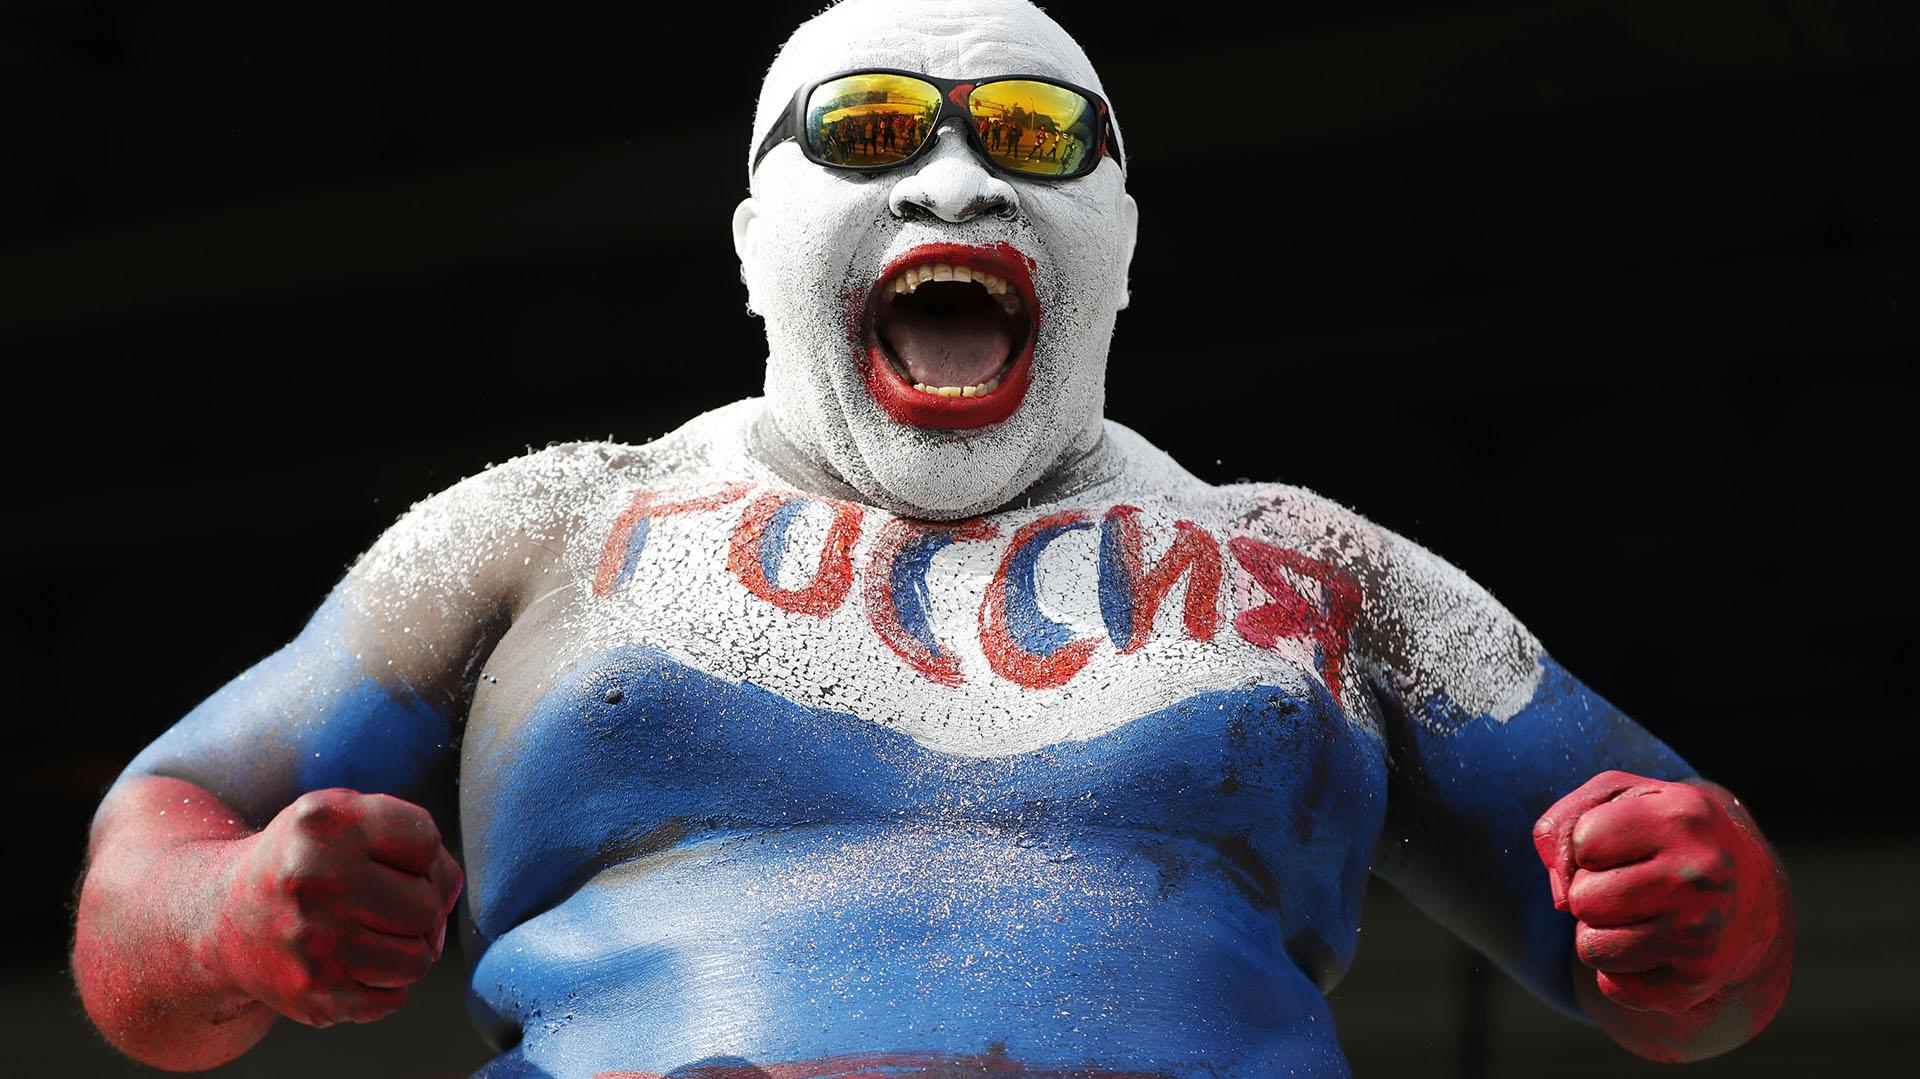 El camerunés Rigobert Youmbies unhincha caracterizado en la historia de losMundiales. Suele pintar todo su cuerpo con los colores del país anfitrión (AP Photo/Rebecca Blackwell)